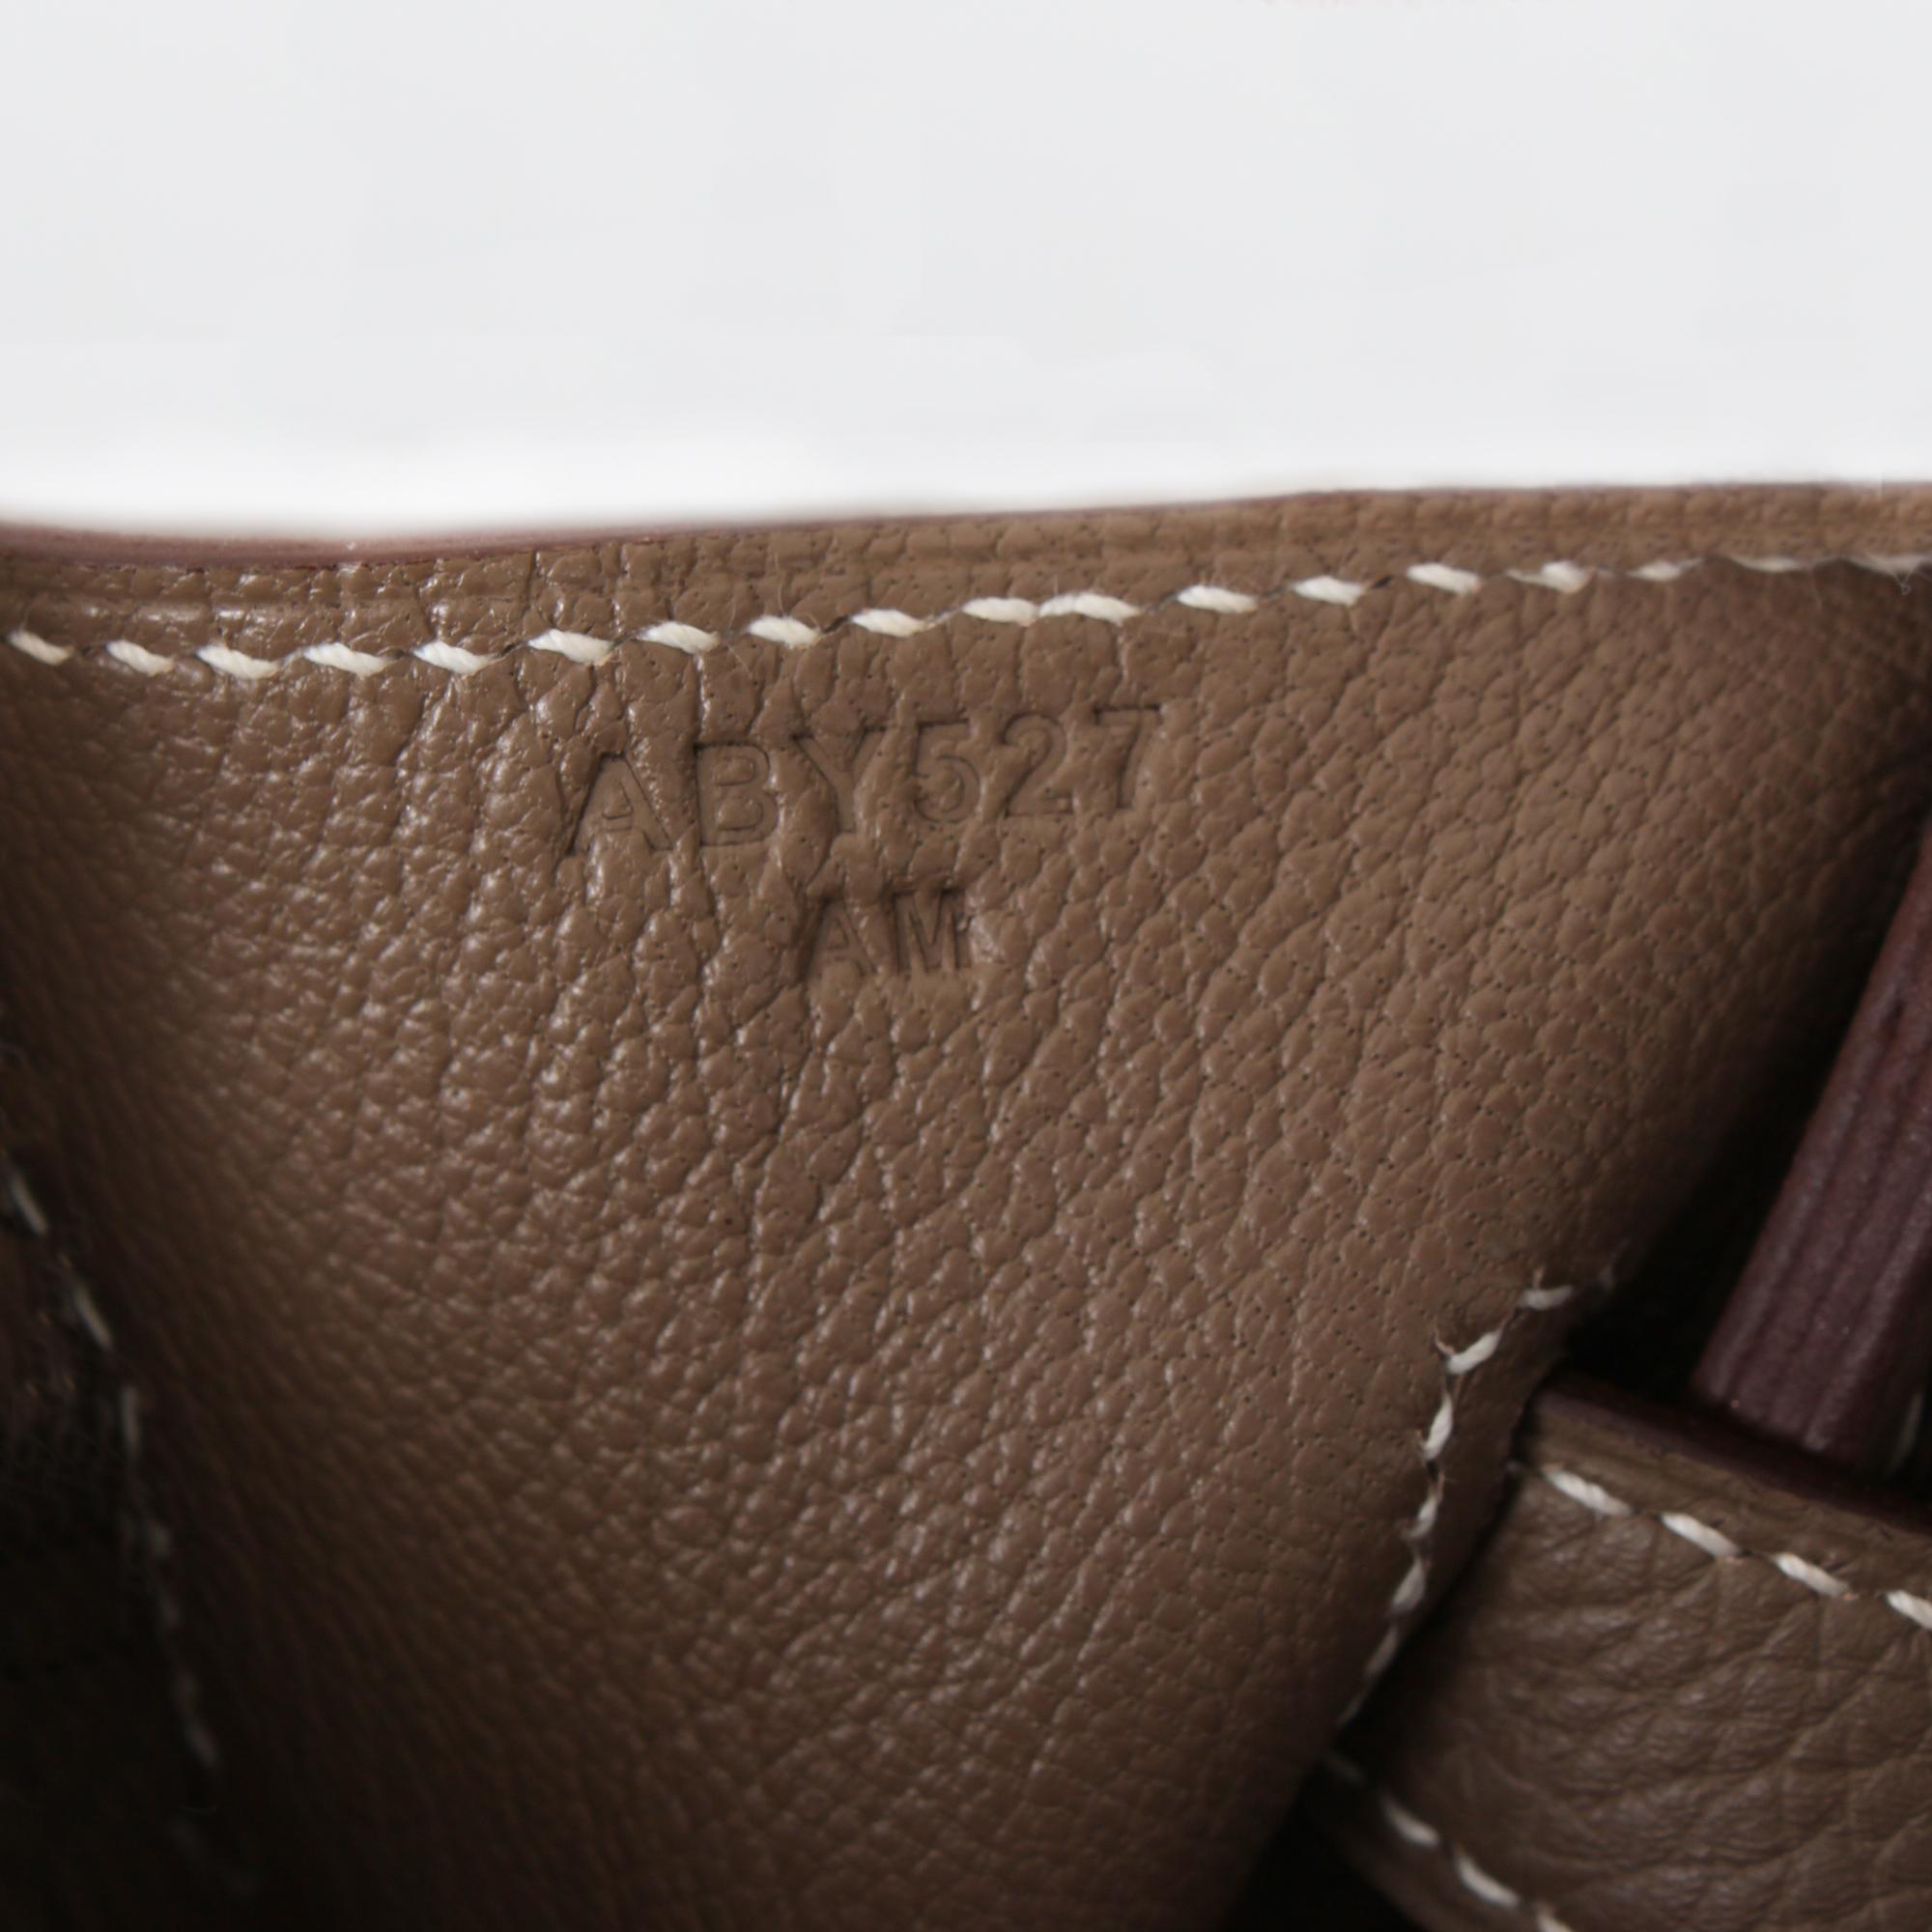 Serial number image of hermes birkin bag taupe togo